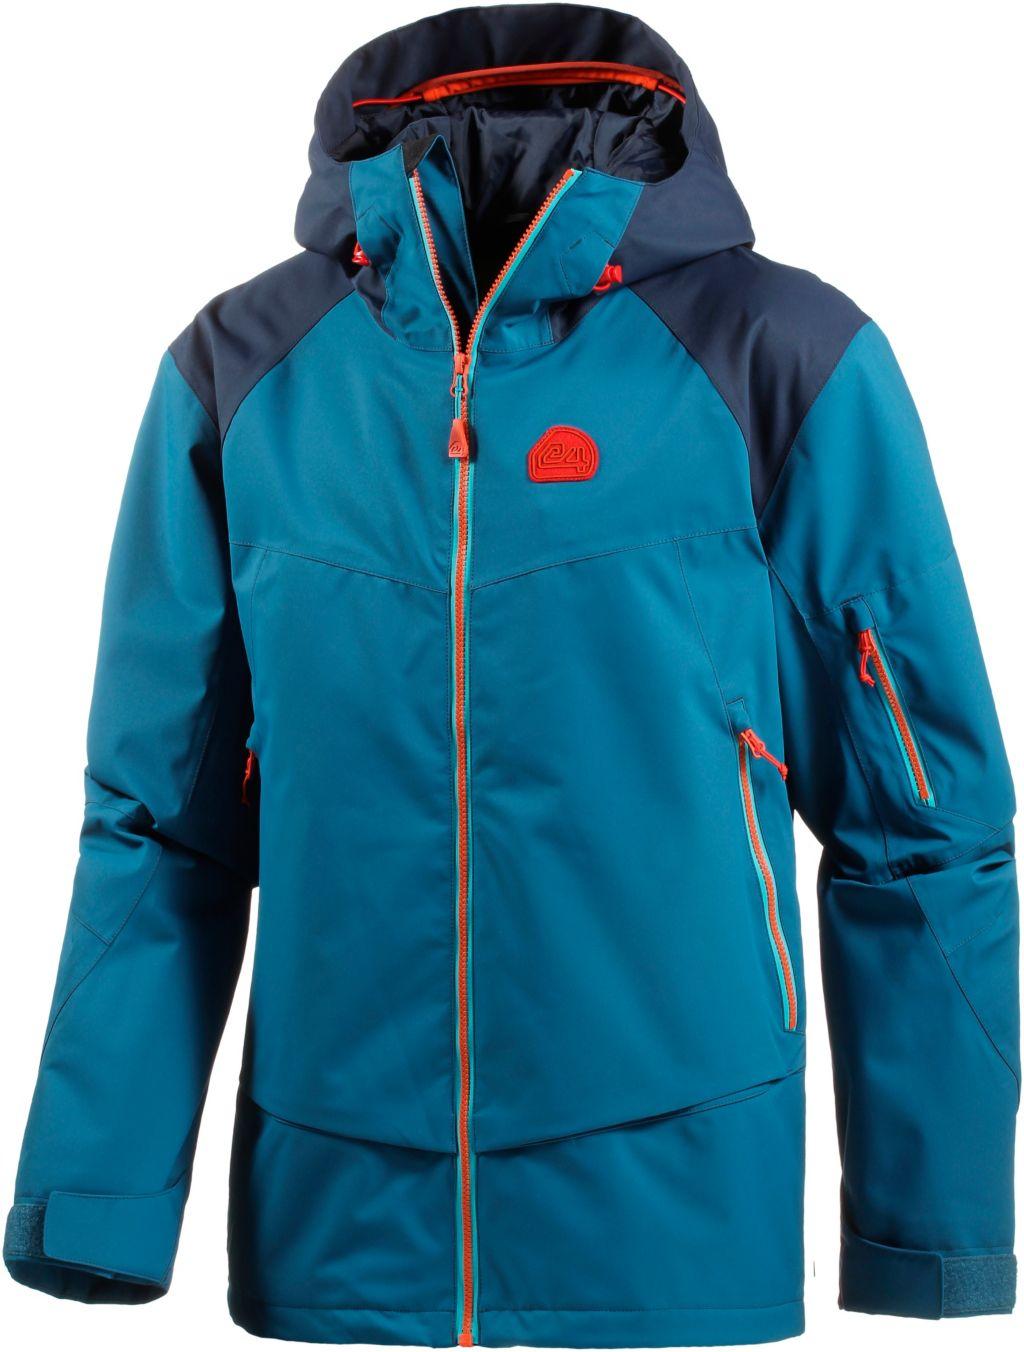 Tanier Skijacke Herren in blau, Größe 48